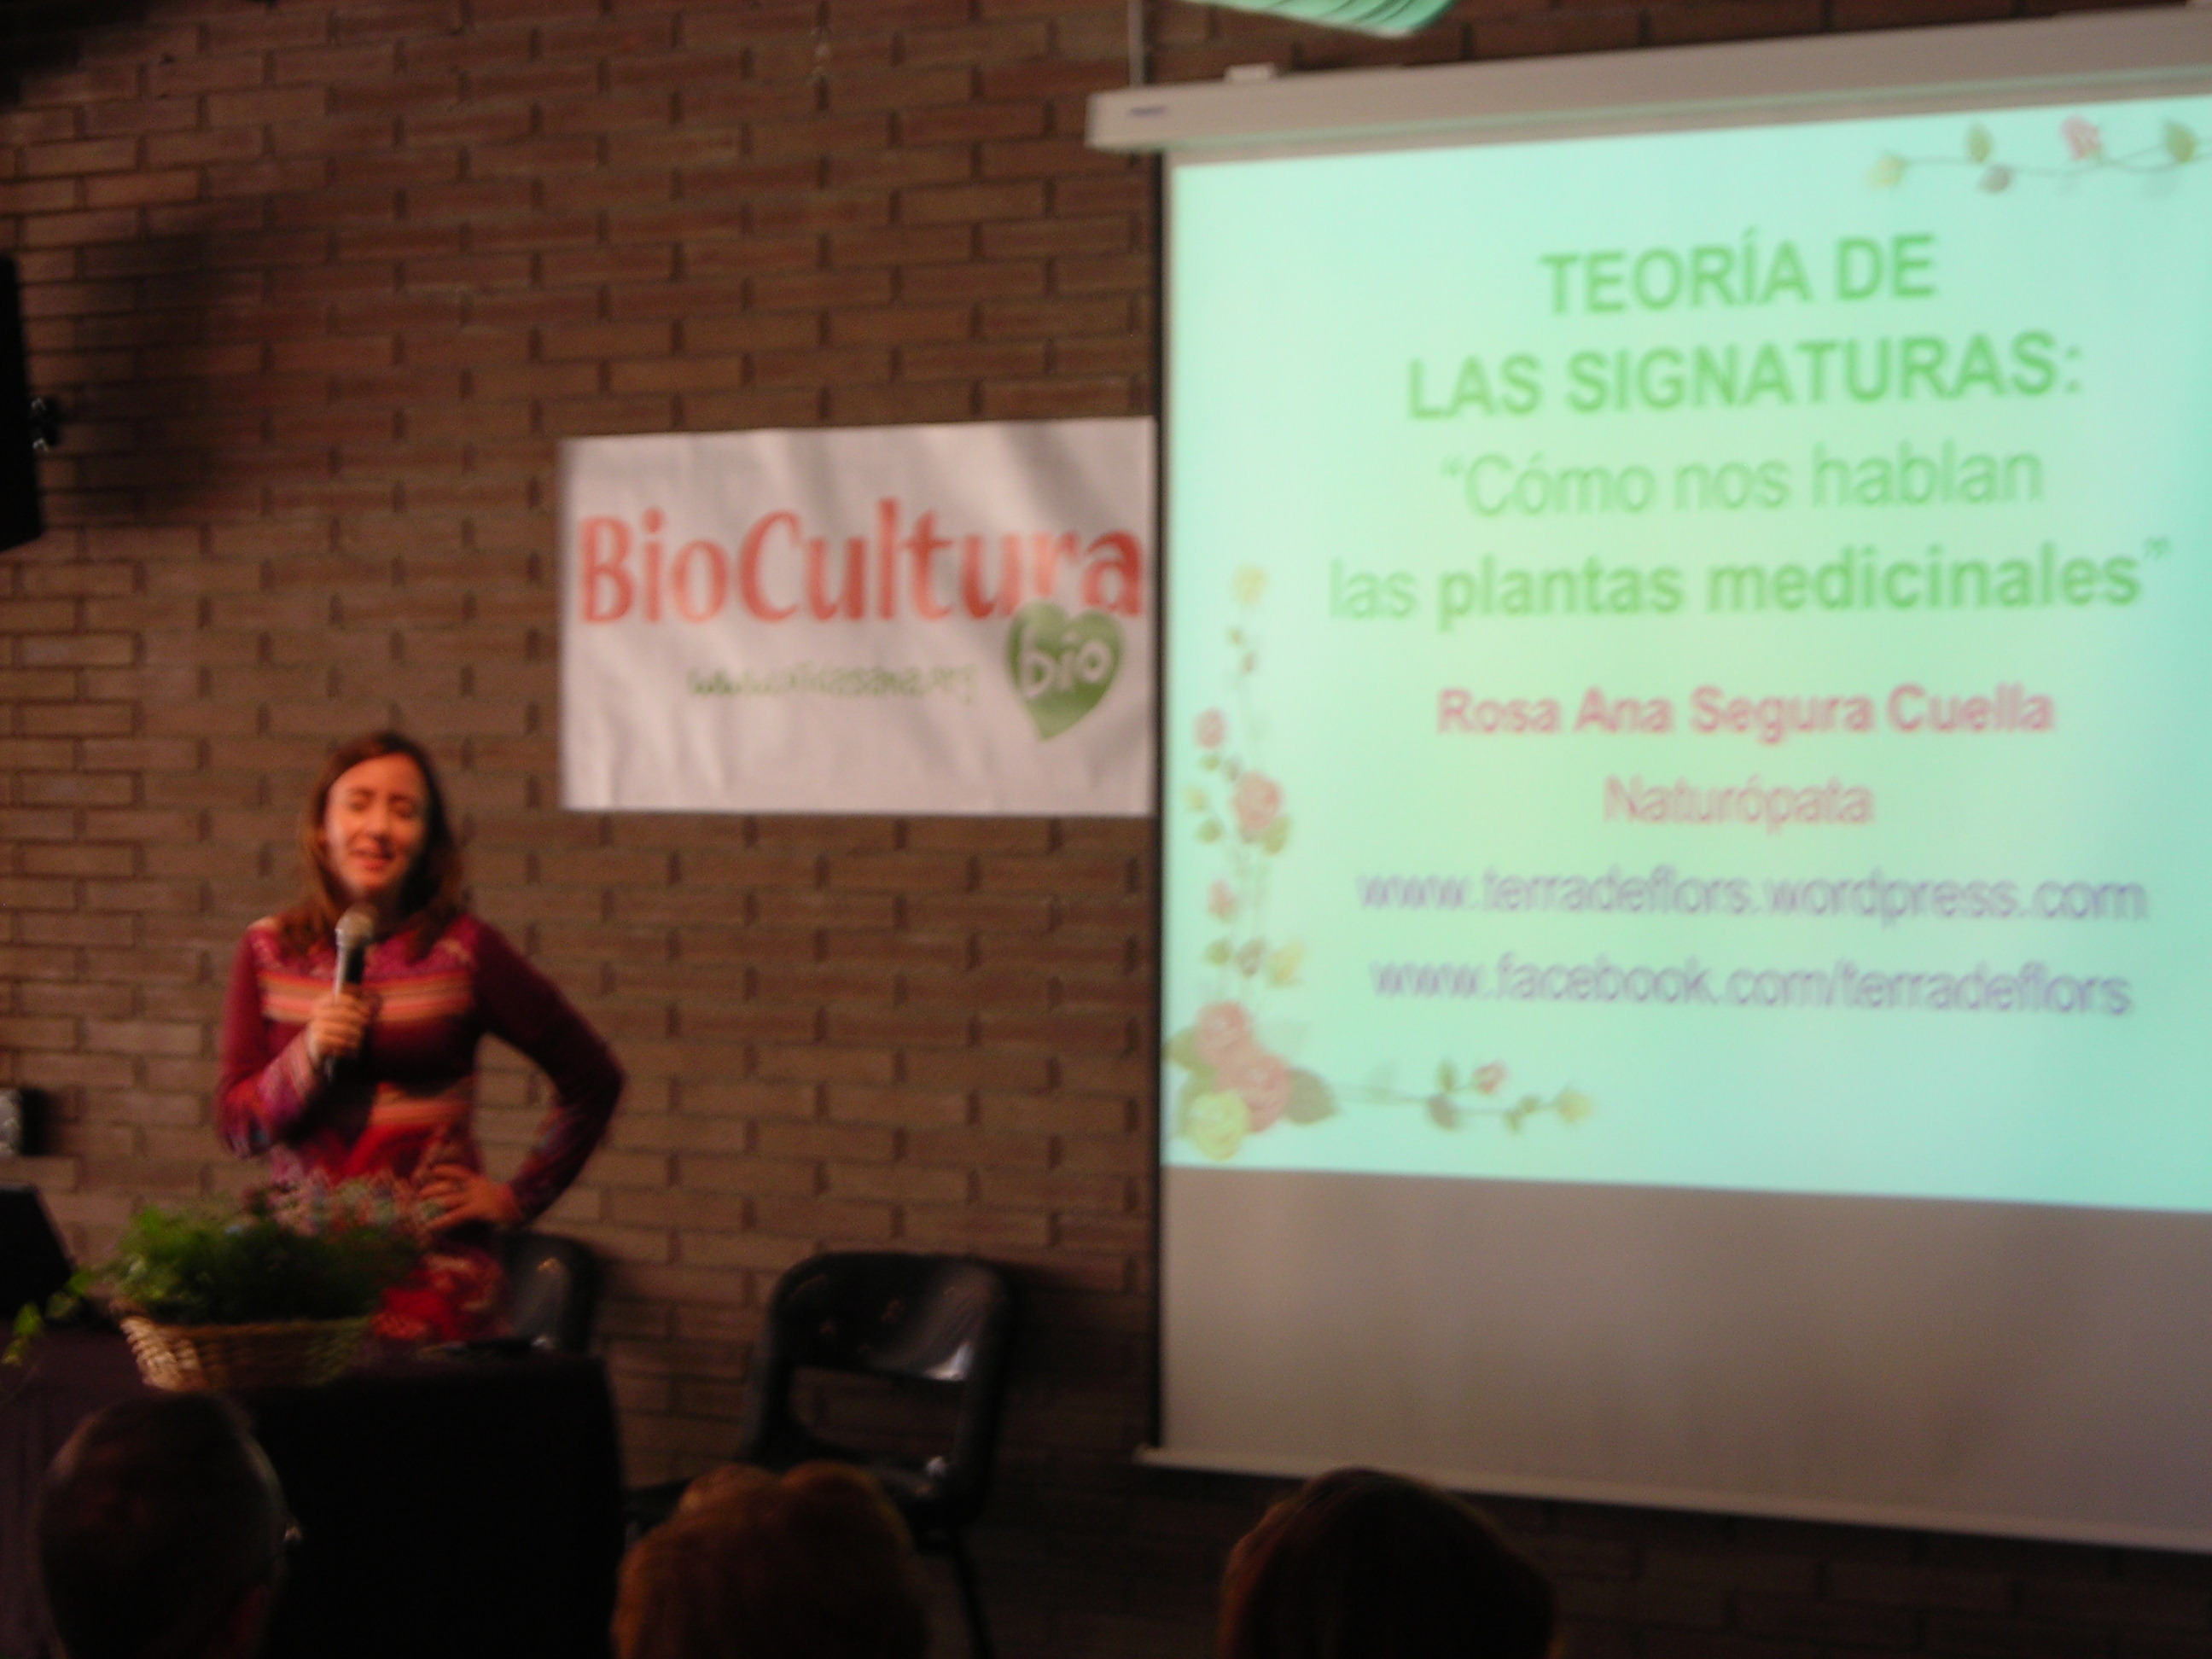 conferencia biocultura Rosa Ana Segura Cuella